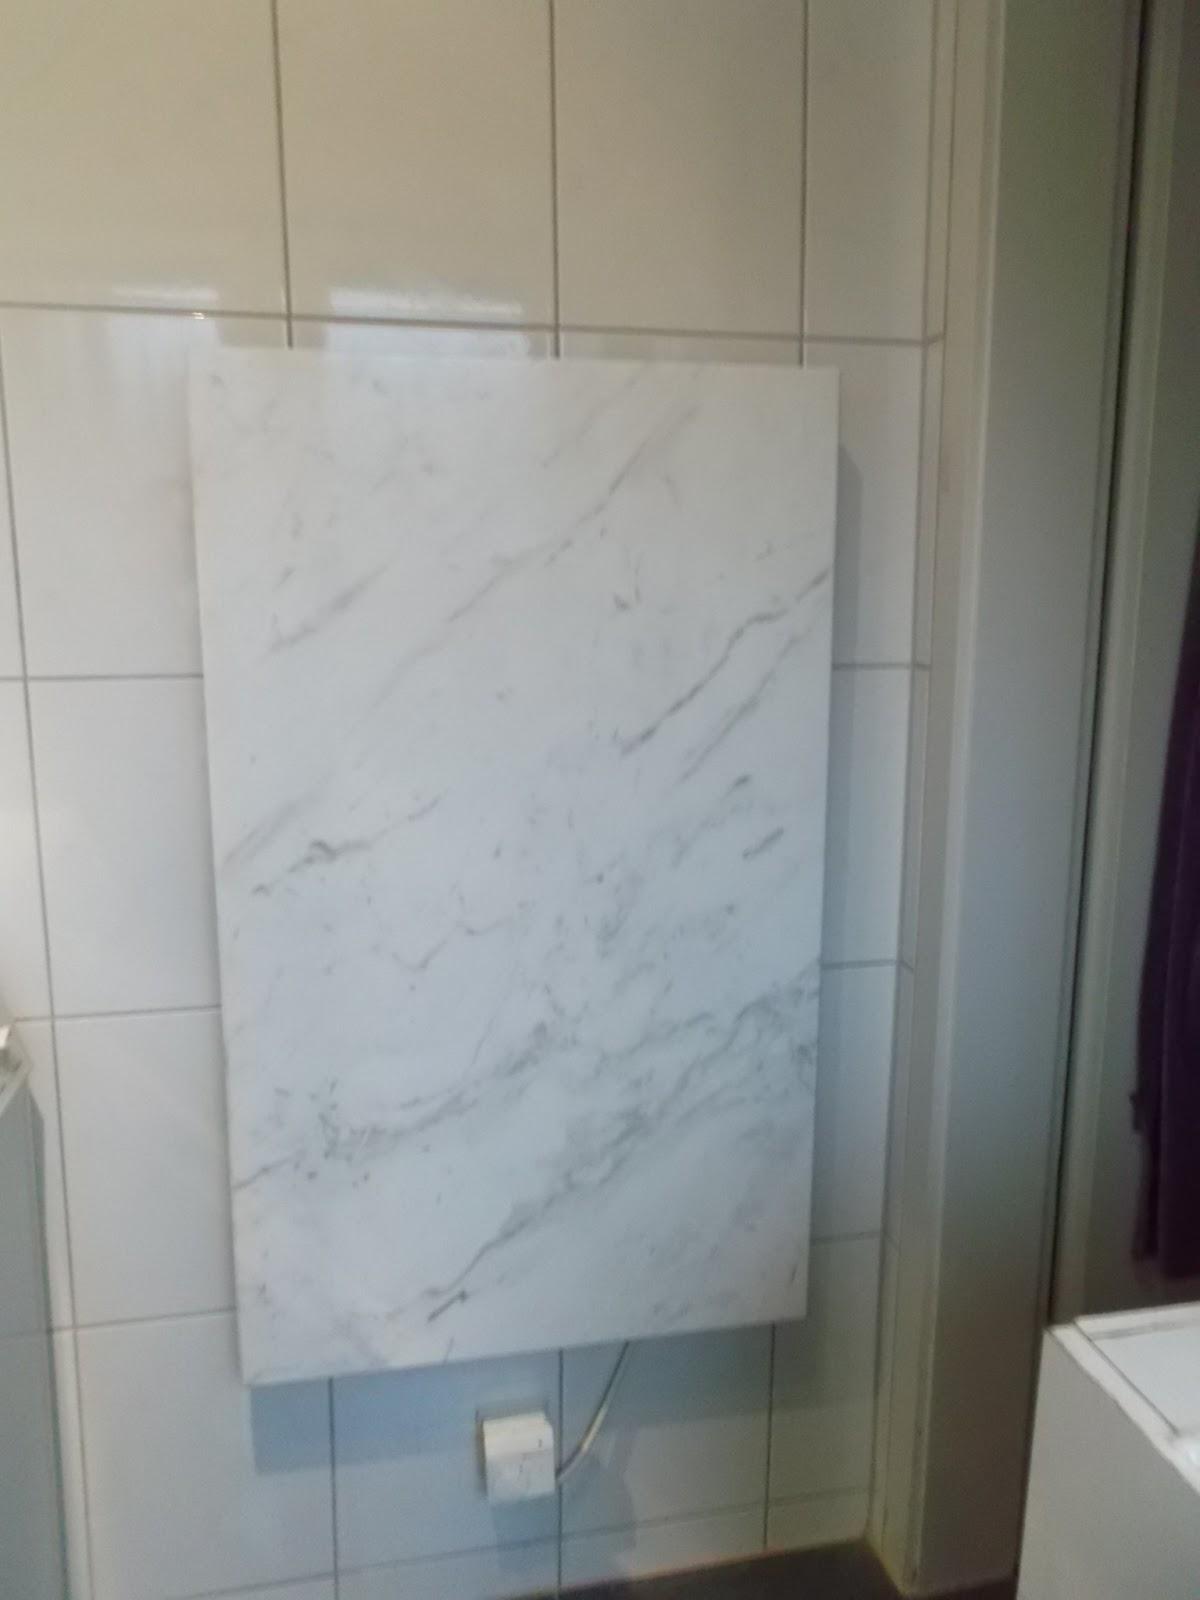 Infrarotheizung kaltes badezimmer kein problem - Radiator badezimmer ...